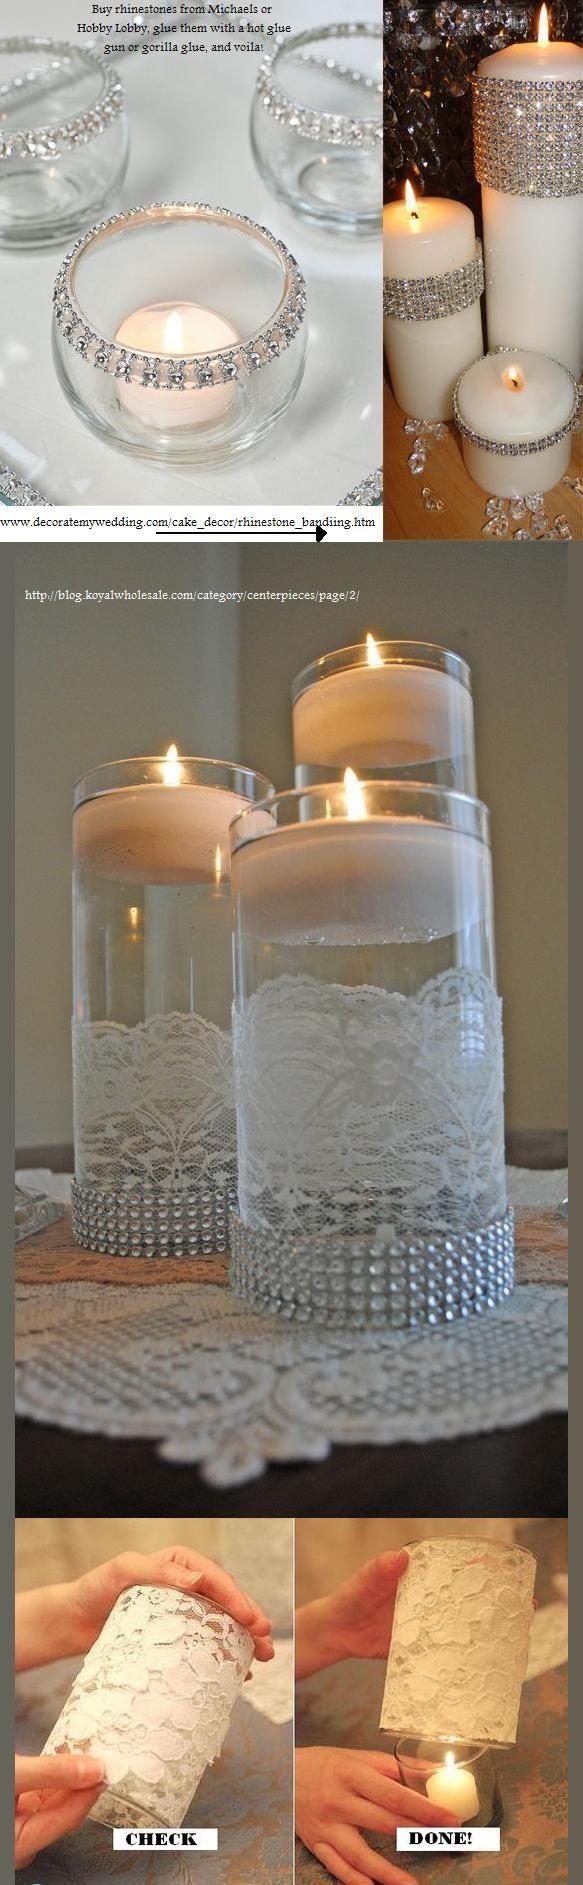 Oltre 25 fantastiche idee su decorazioni per battesimo su for Grandi capanne di tronchi